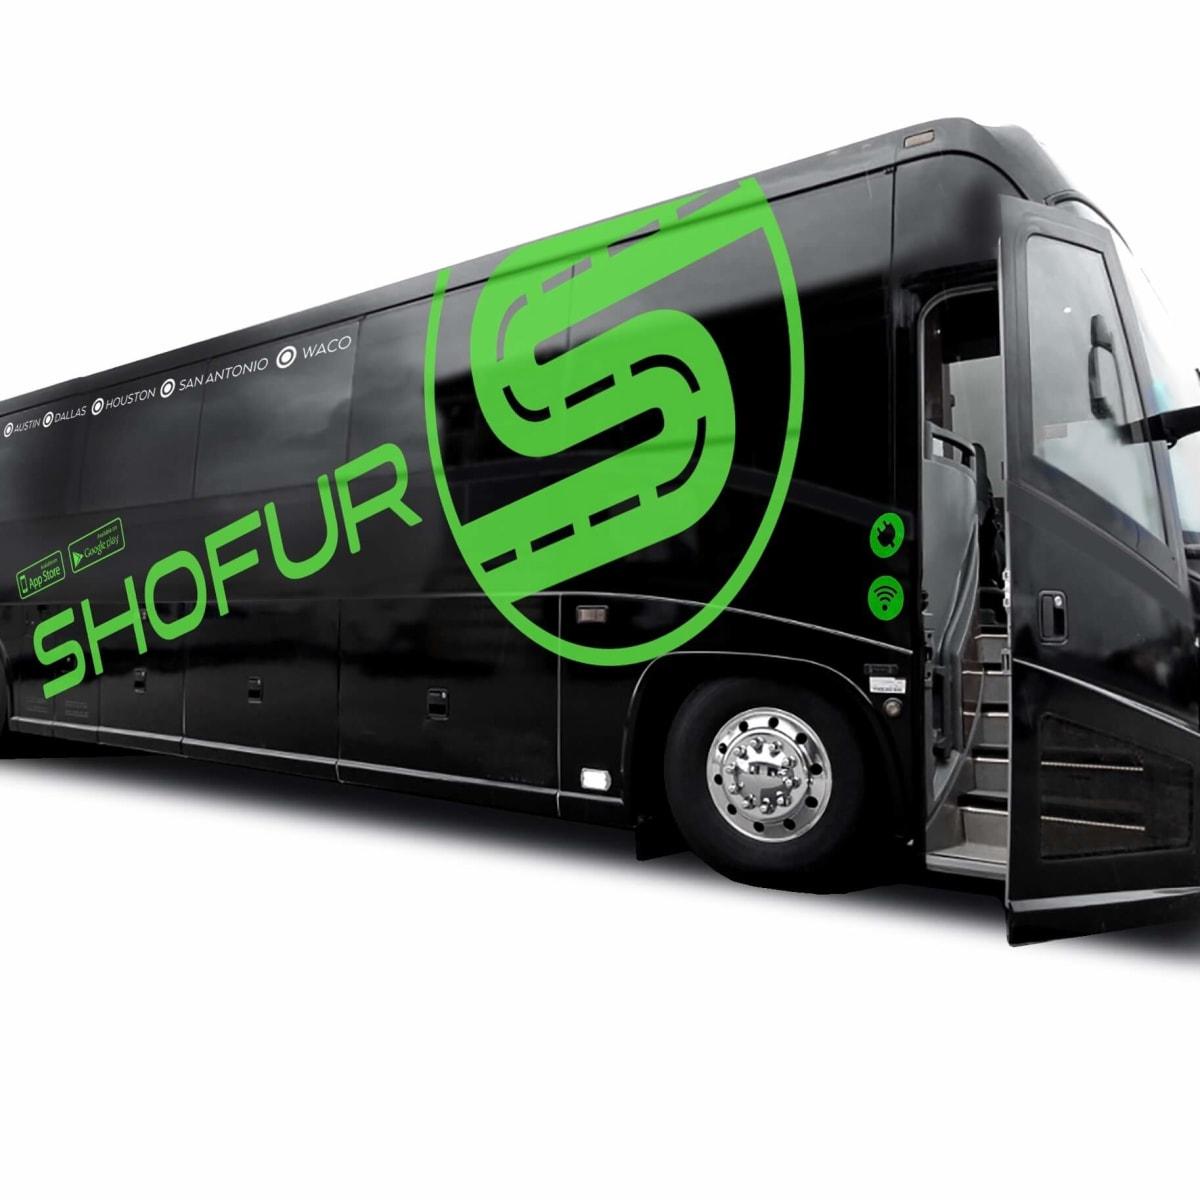 Shofur bus exterior